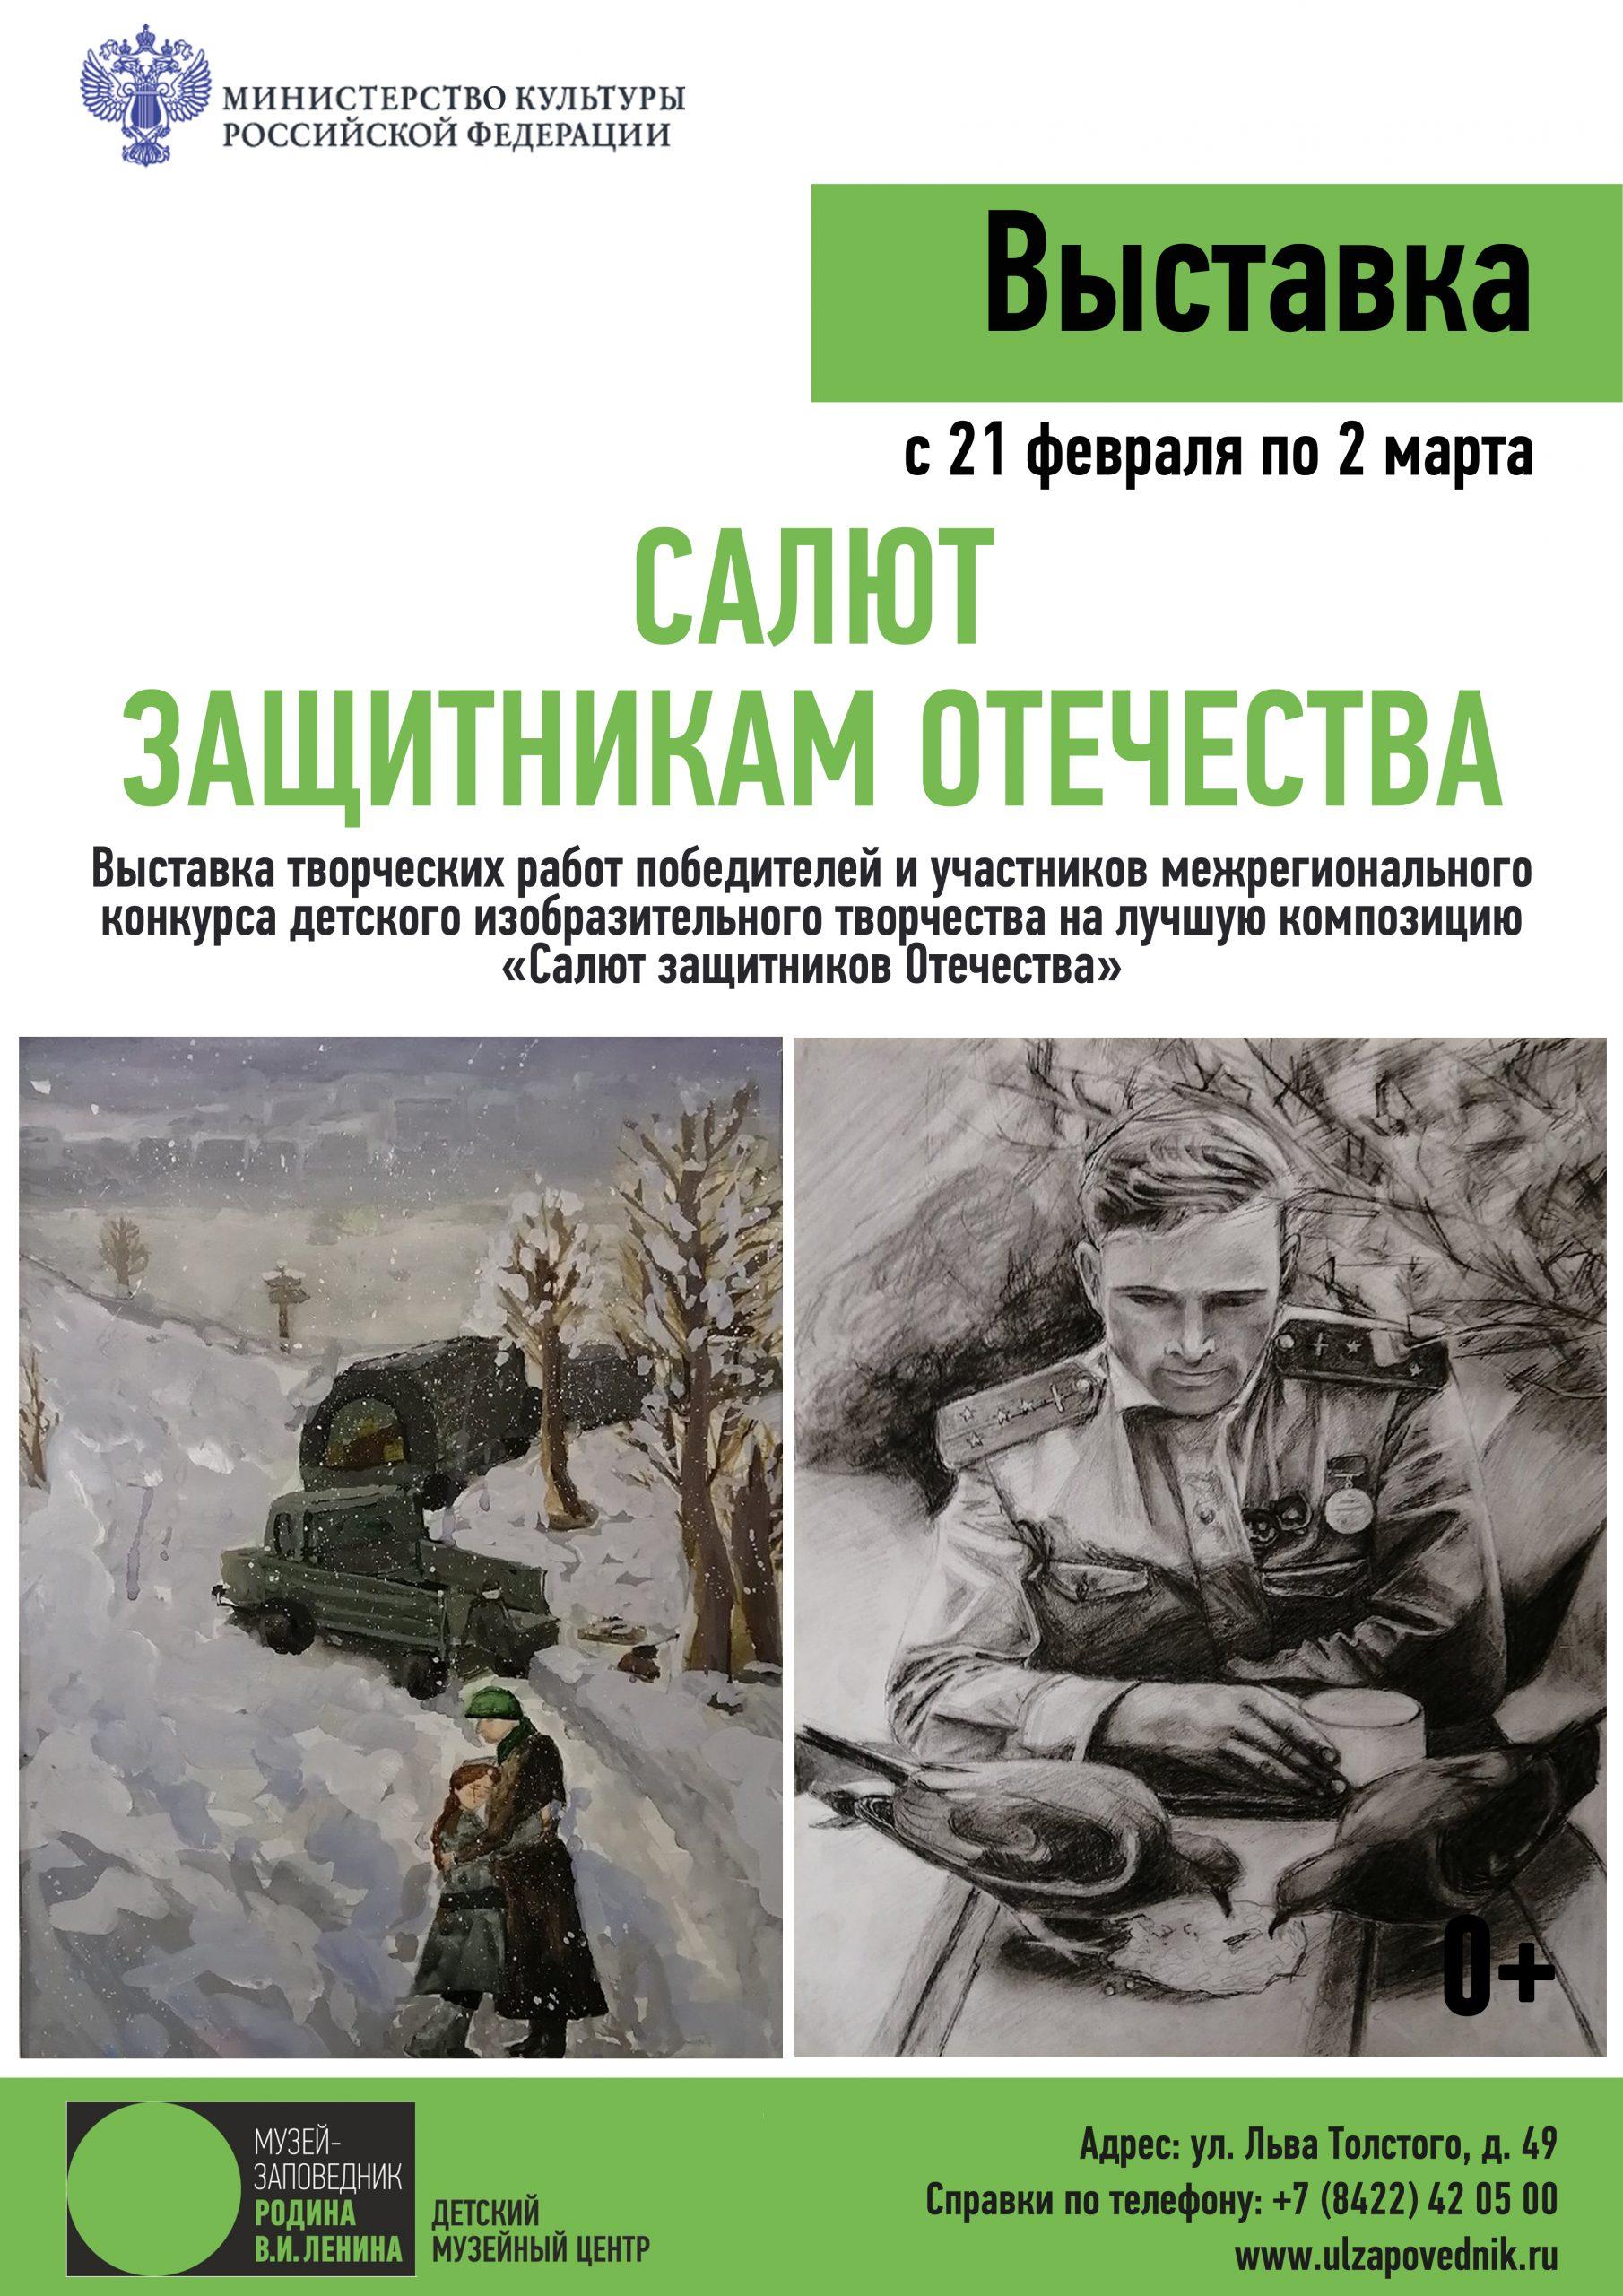 Выставка «Салют защитникам Отечества» @ в Детском музейном центре (ул. Льва Толстого, д. 49)